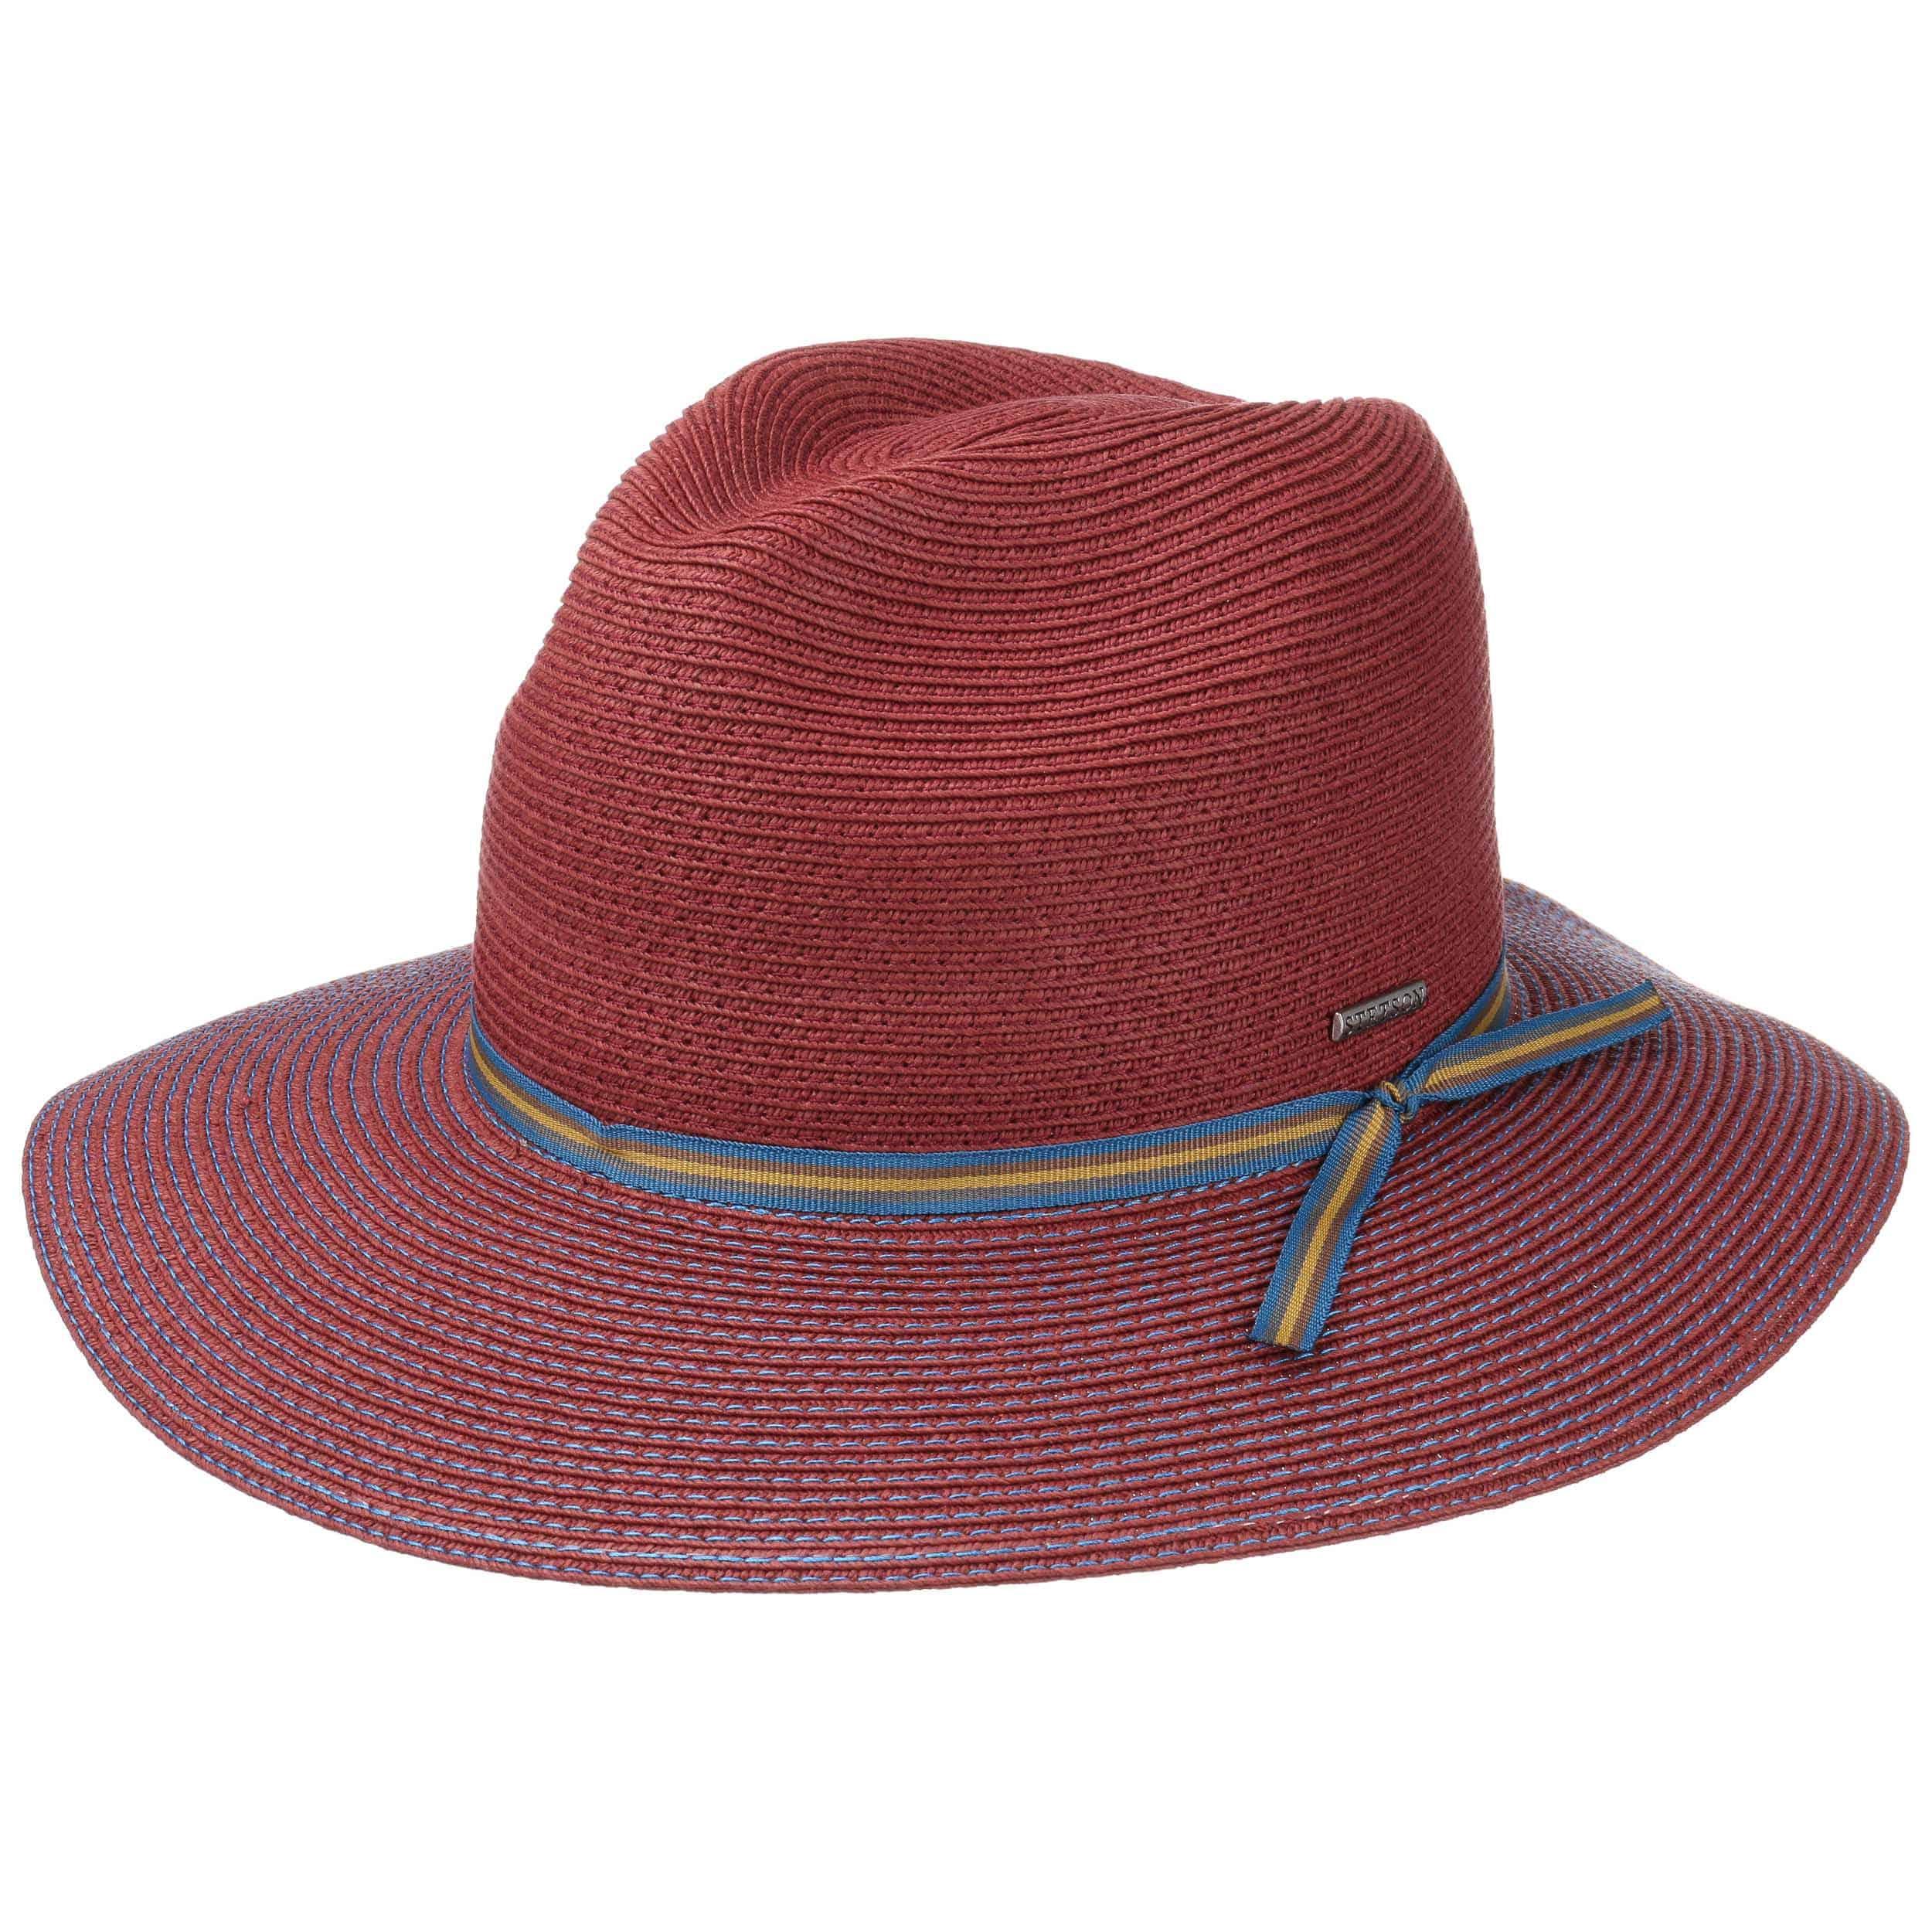 Sombrero de ala Ancha Toyo by Stetson - Sombreros - sombreroshop.es f9545cb4797